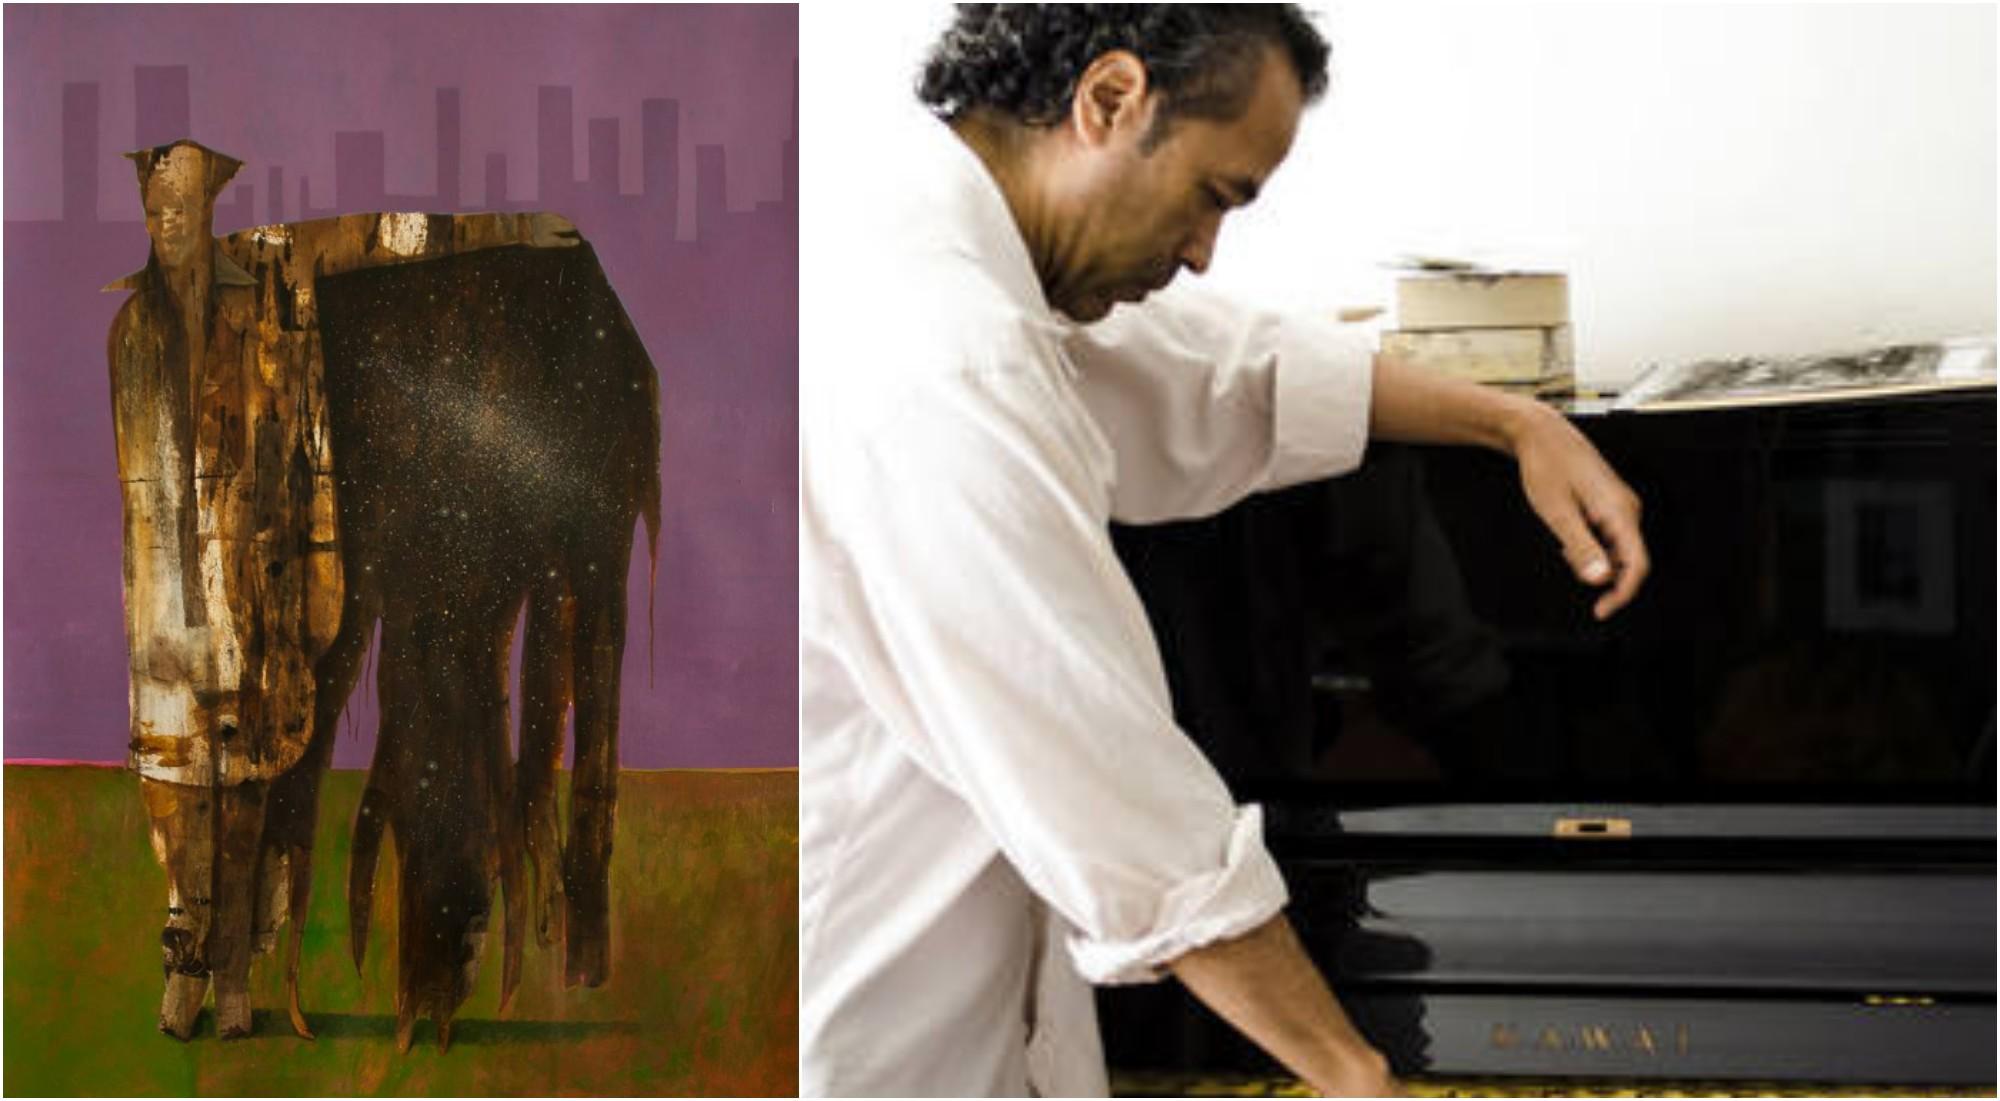 Artista hondureño Andrés Montoya, expone su arte en Estados Unidos